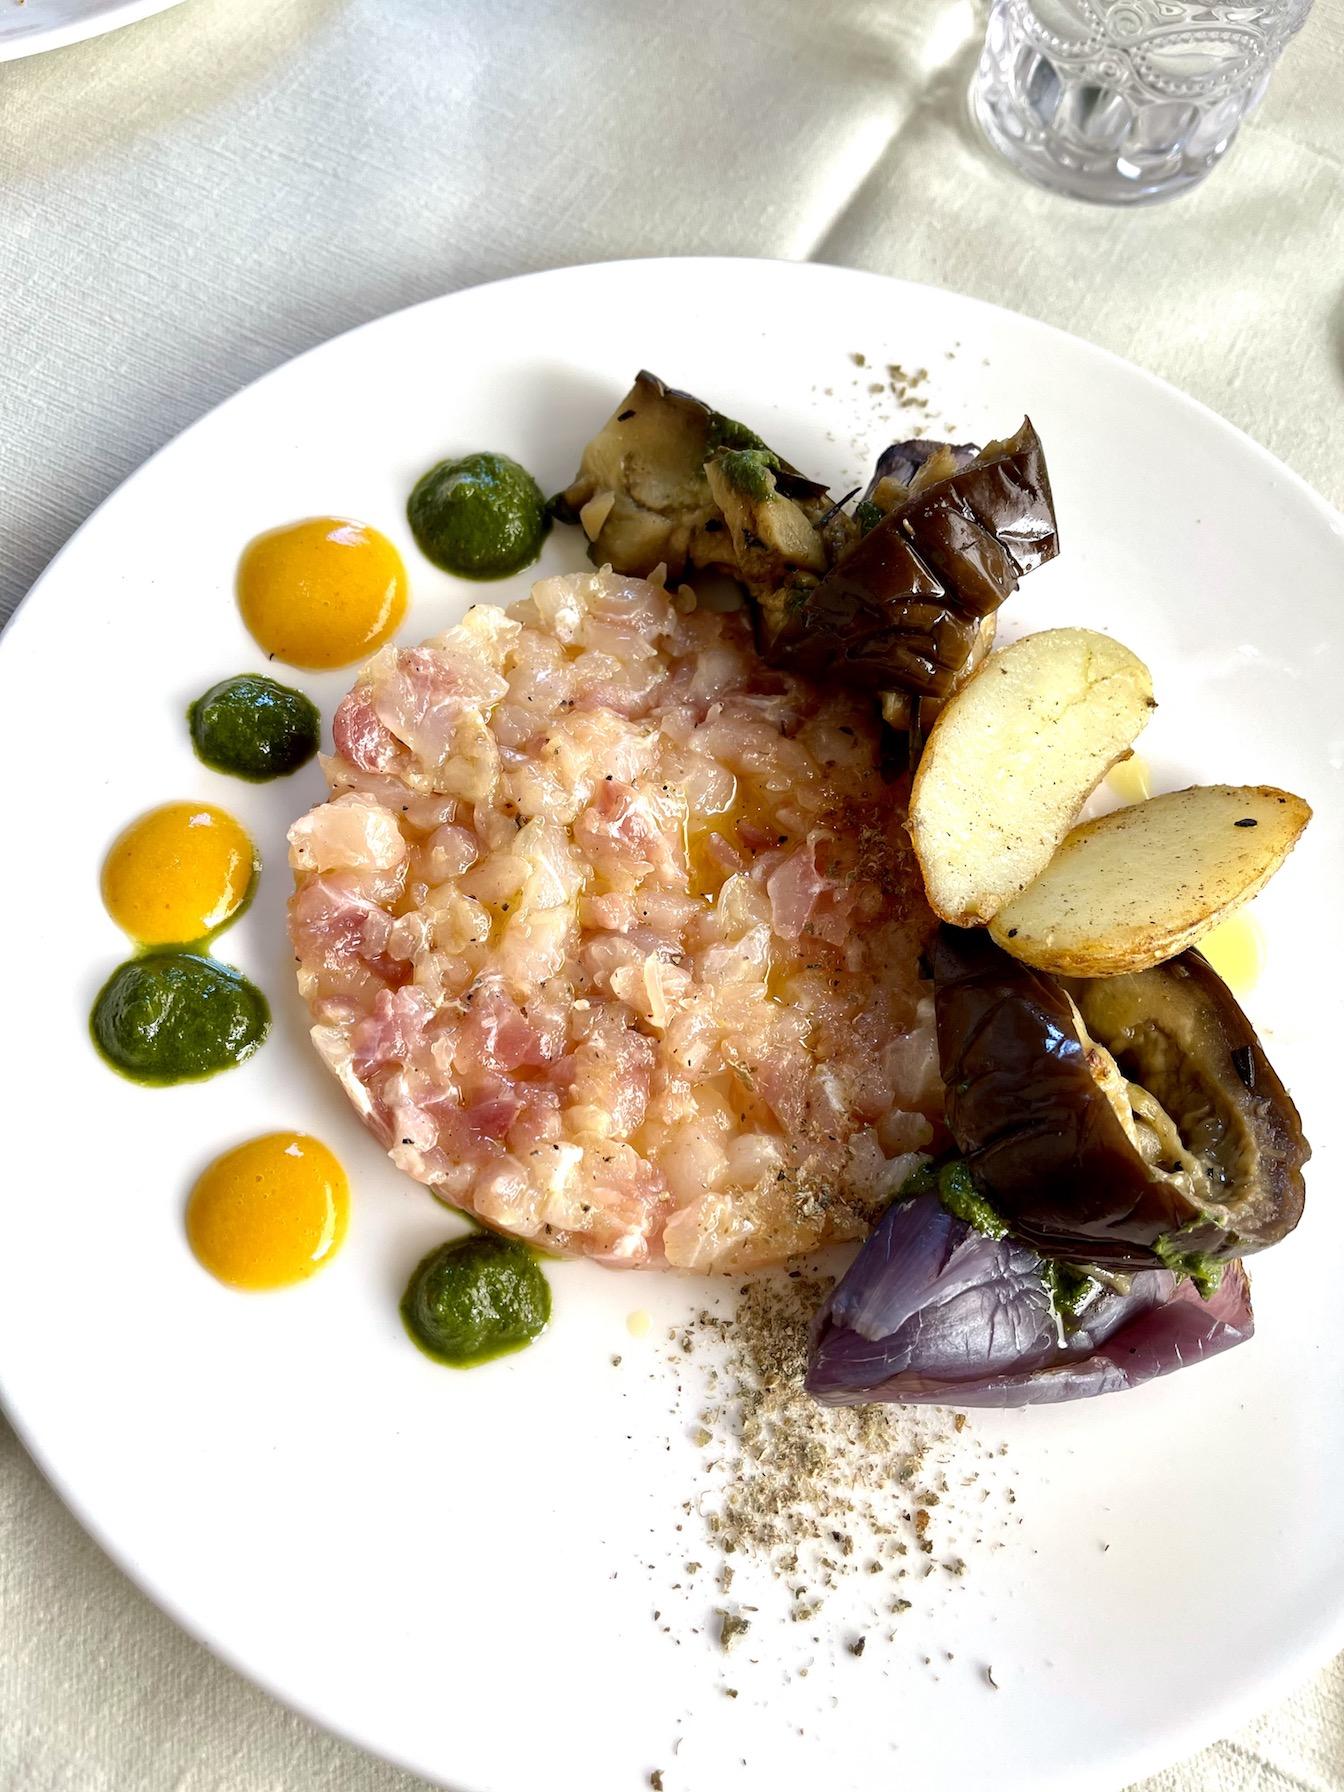 il-fornello-isola-bella-italy